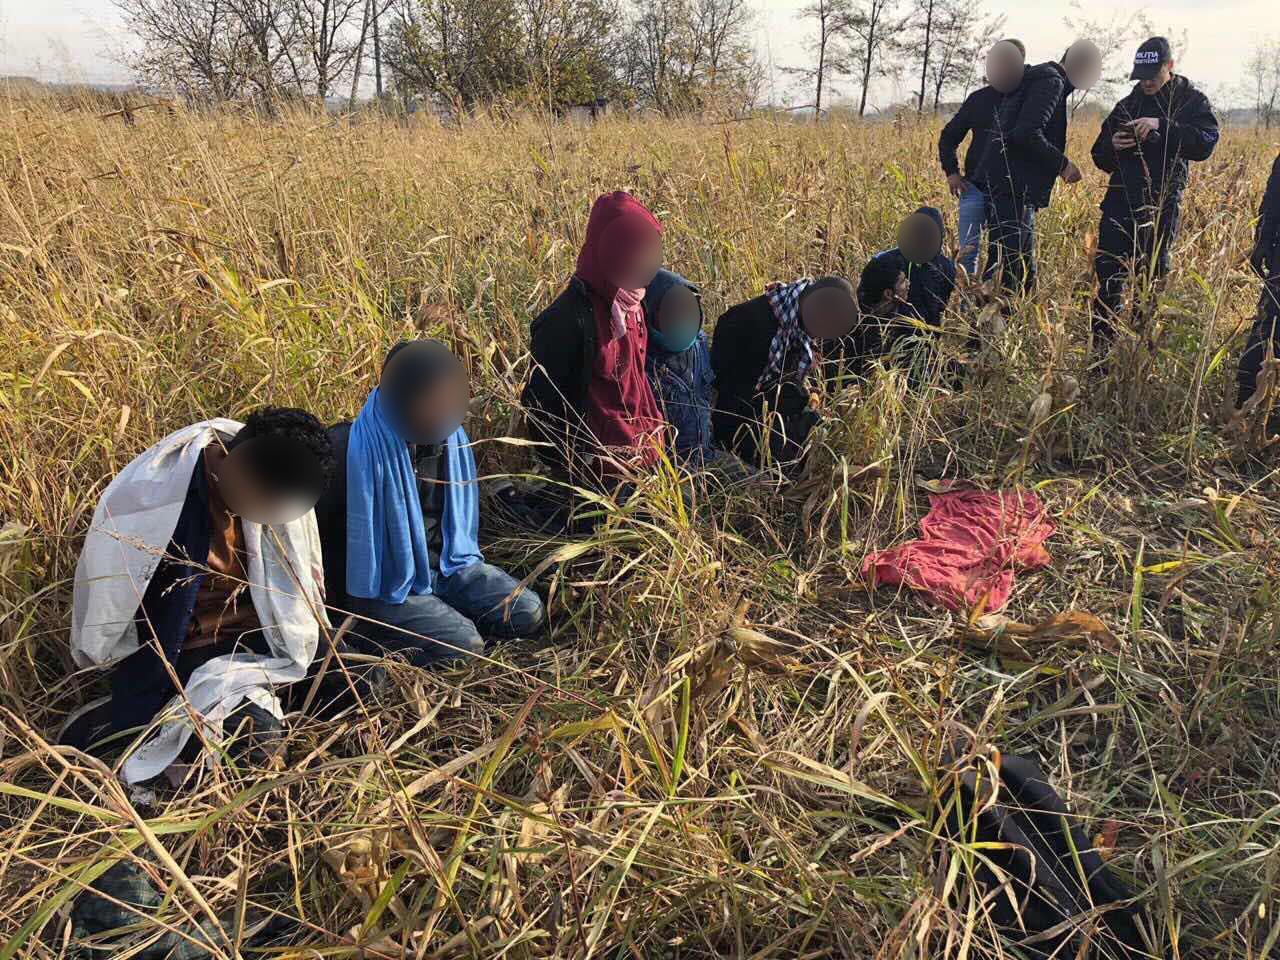 Fotografie: border.gov.md